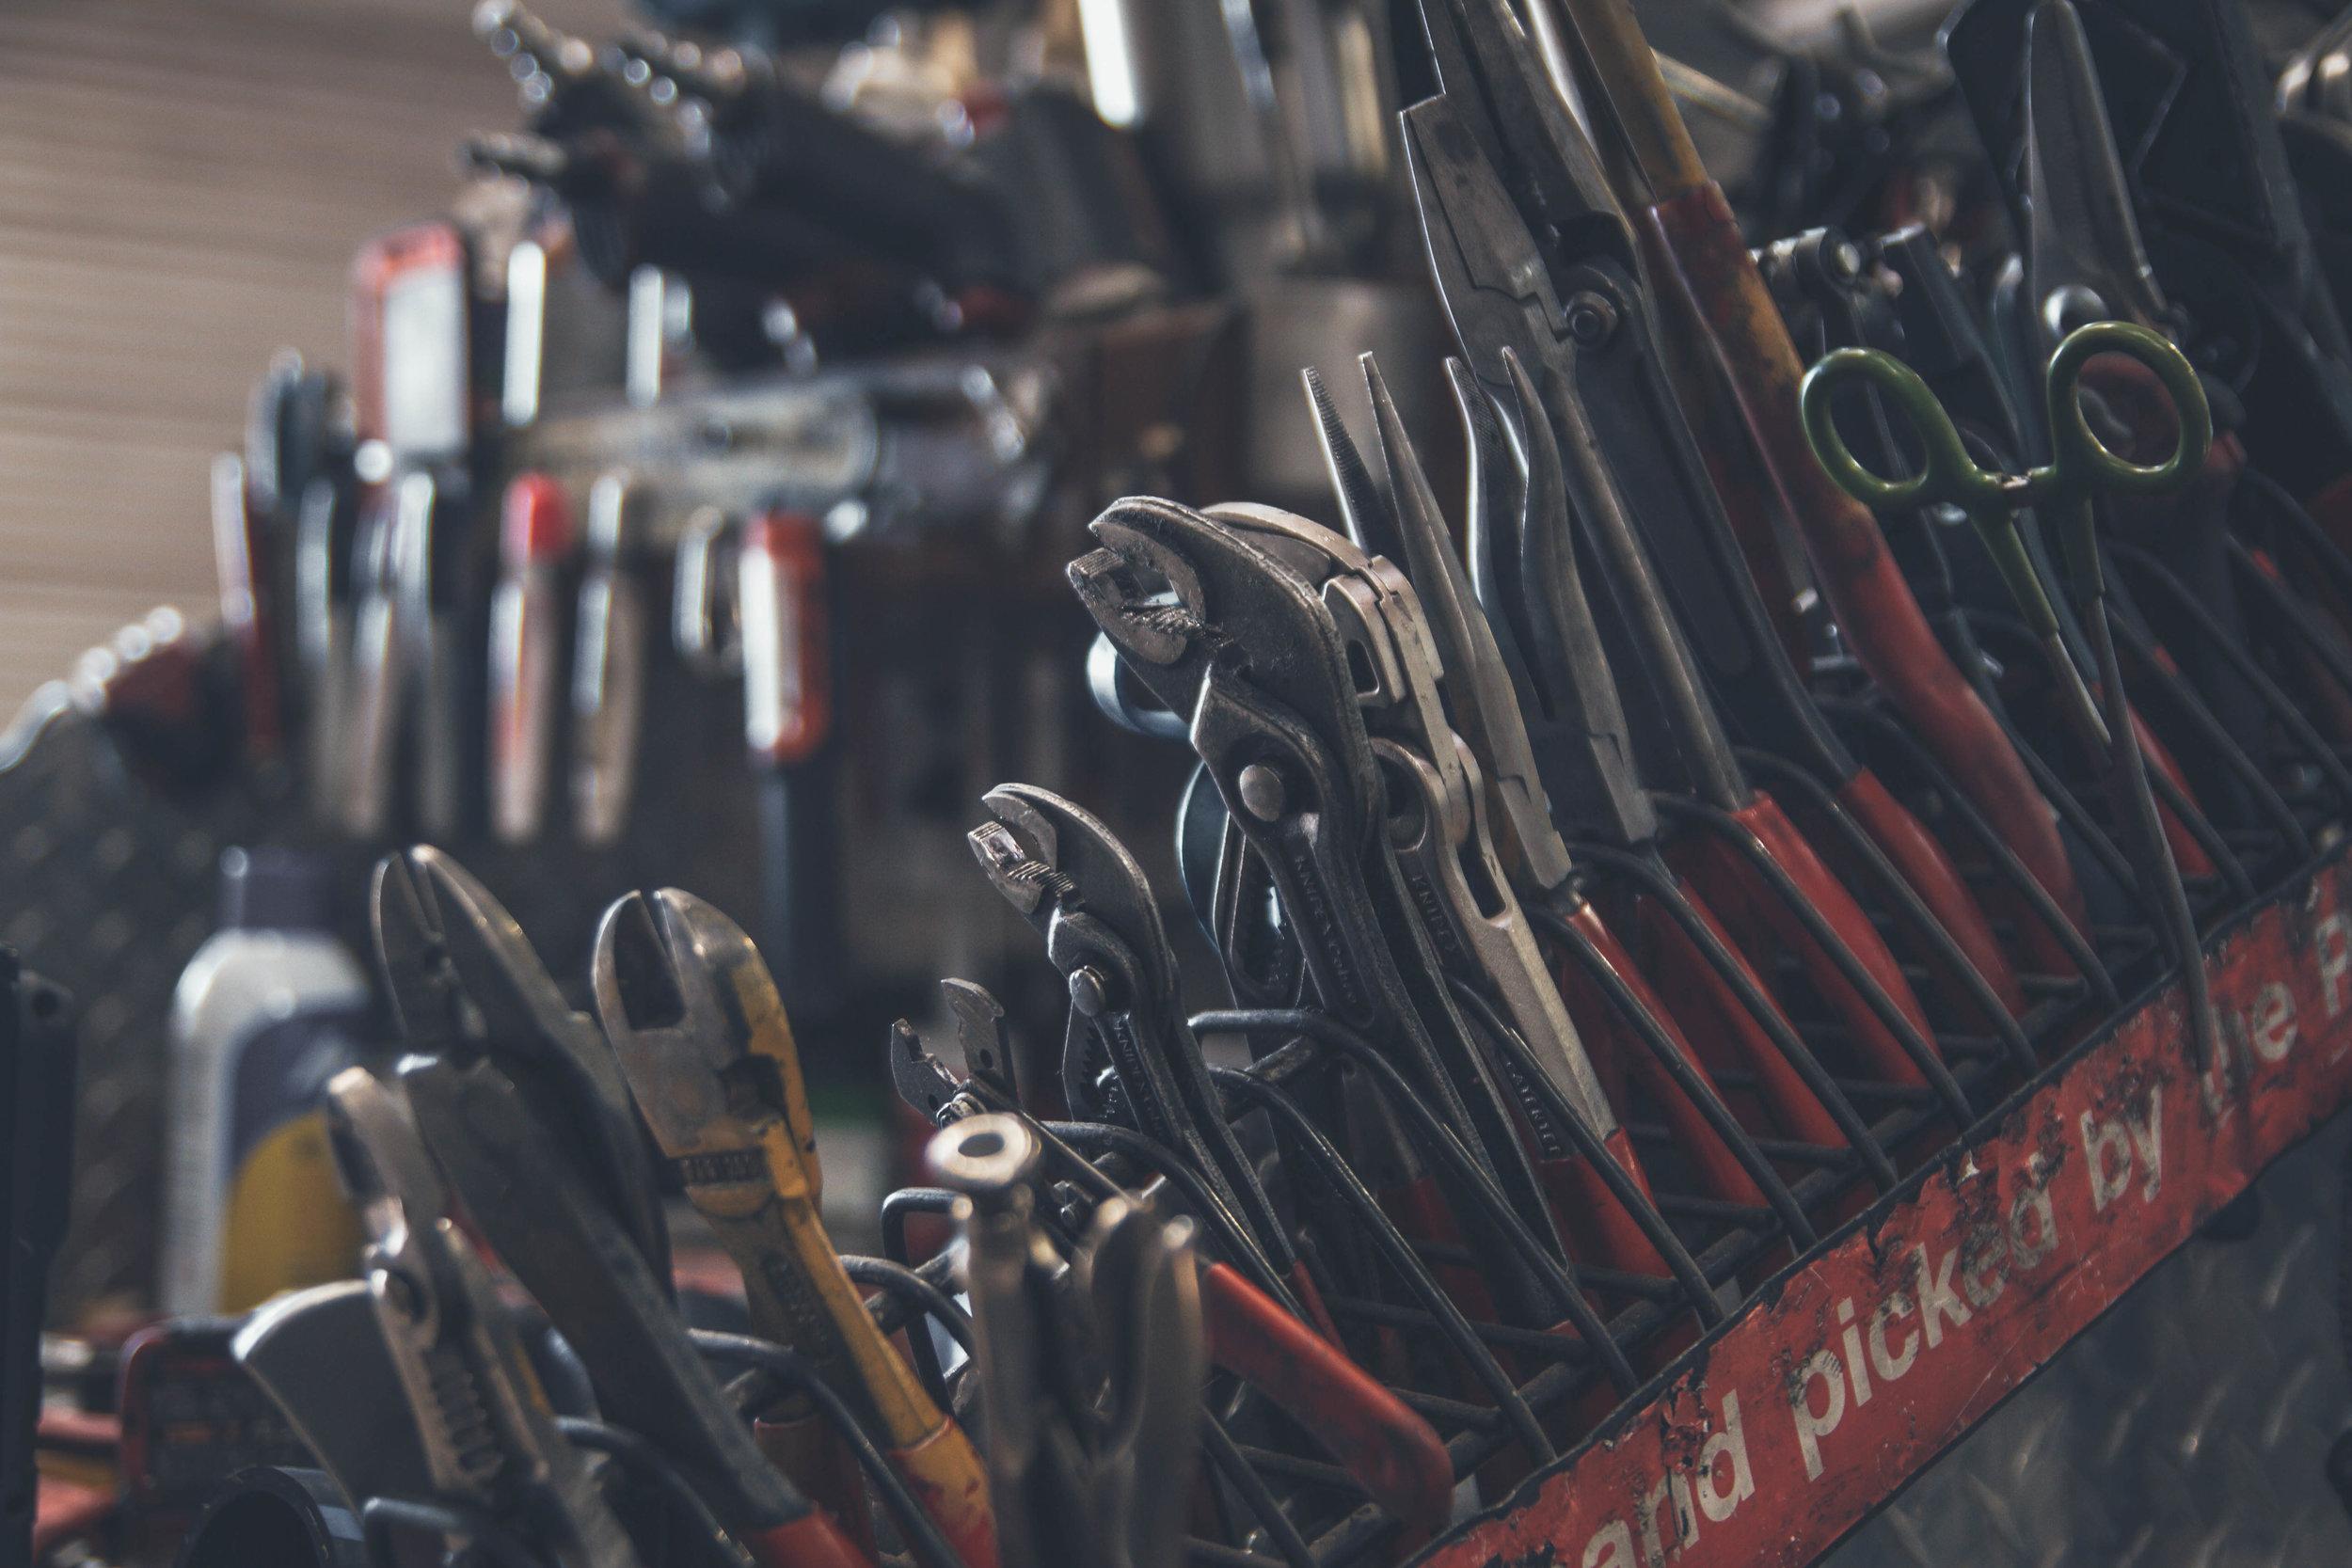 TEKNIKK - Les om hvilket utstyr vi har tilgang på og hvordan vår kunnskap kan komme deg til gode.